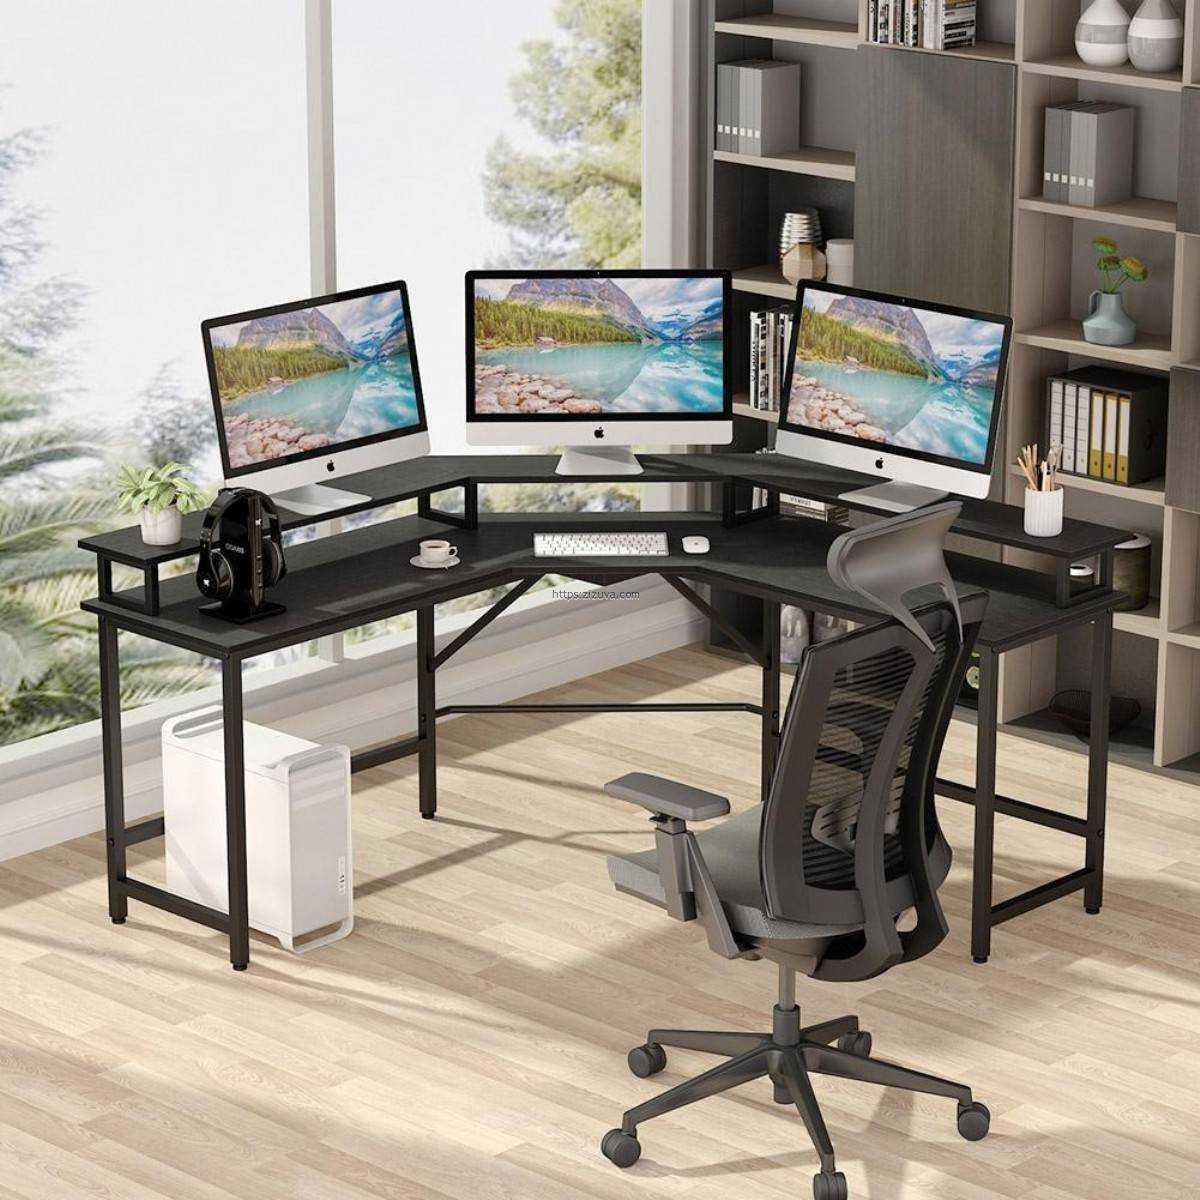 Zizuva Tasarım Siyah L Köşe Ev Ofis Metal Bilgisayar Çalışma Masası